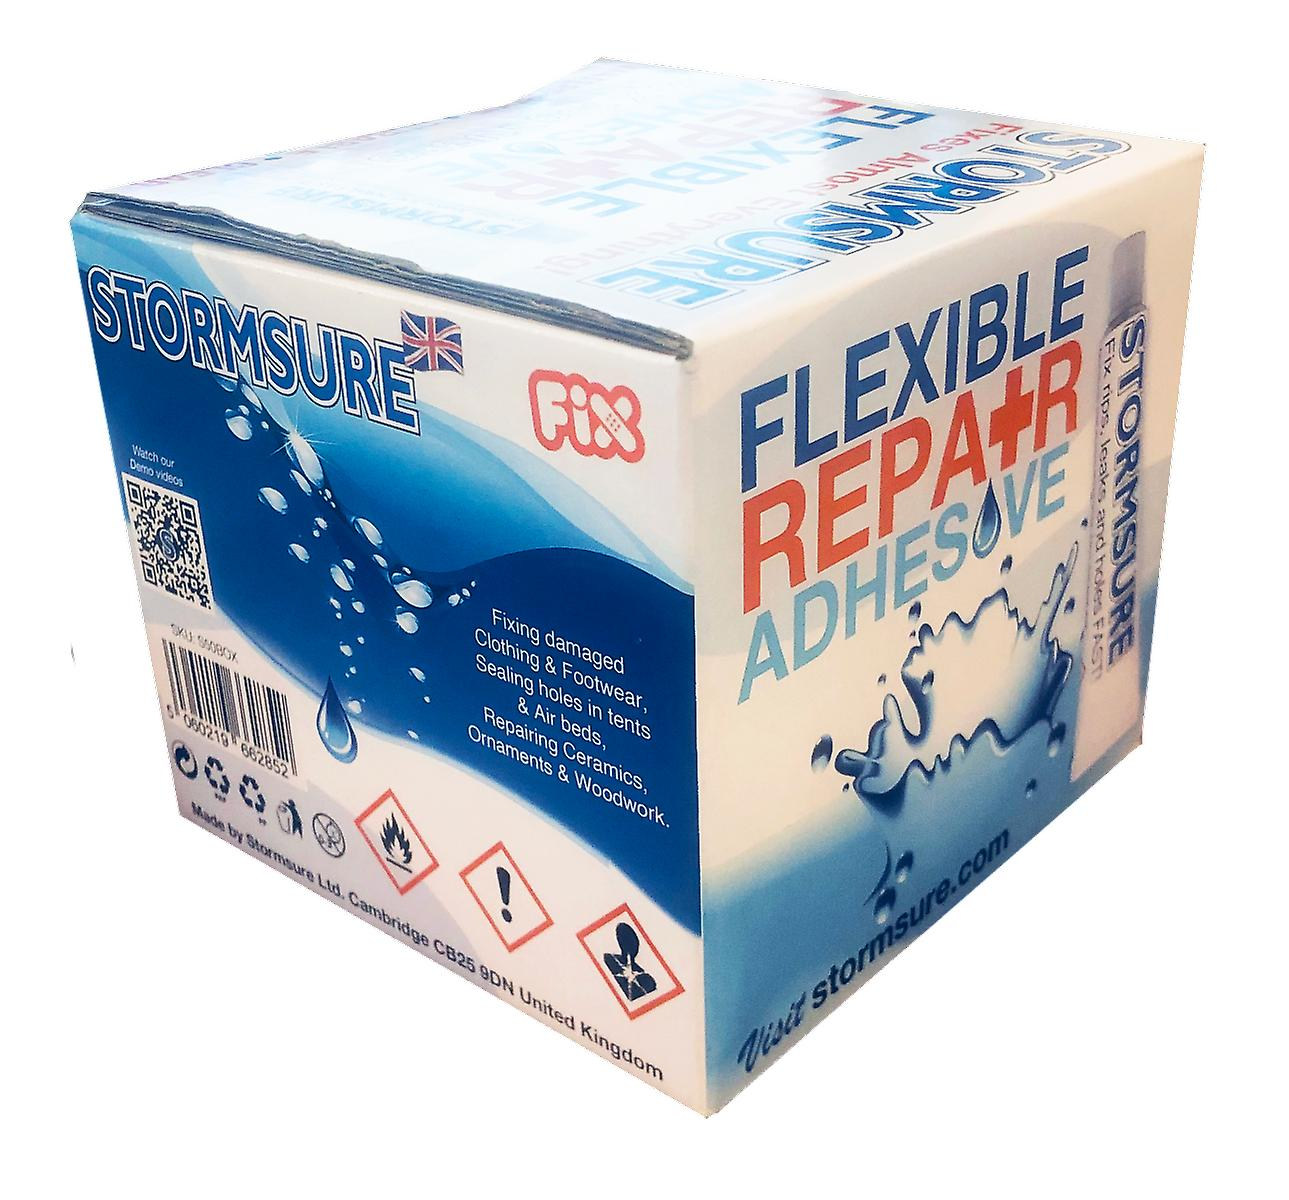 Stormsure Flexible Repair Adhesive 15g (Box of 50)